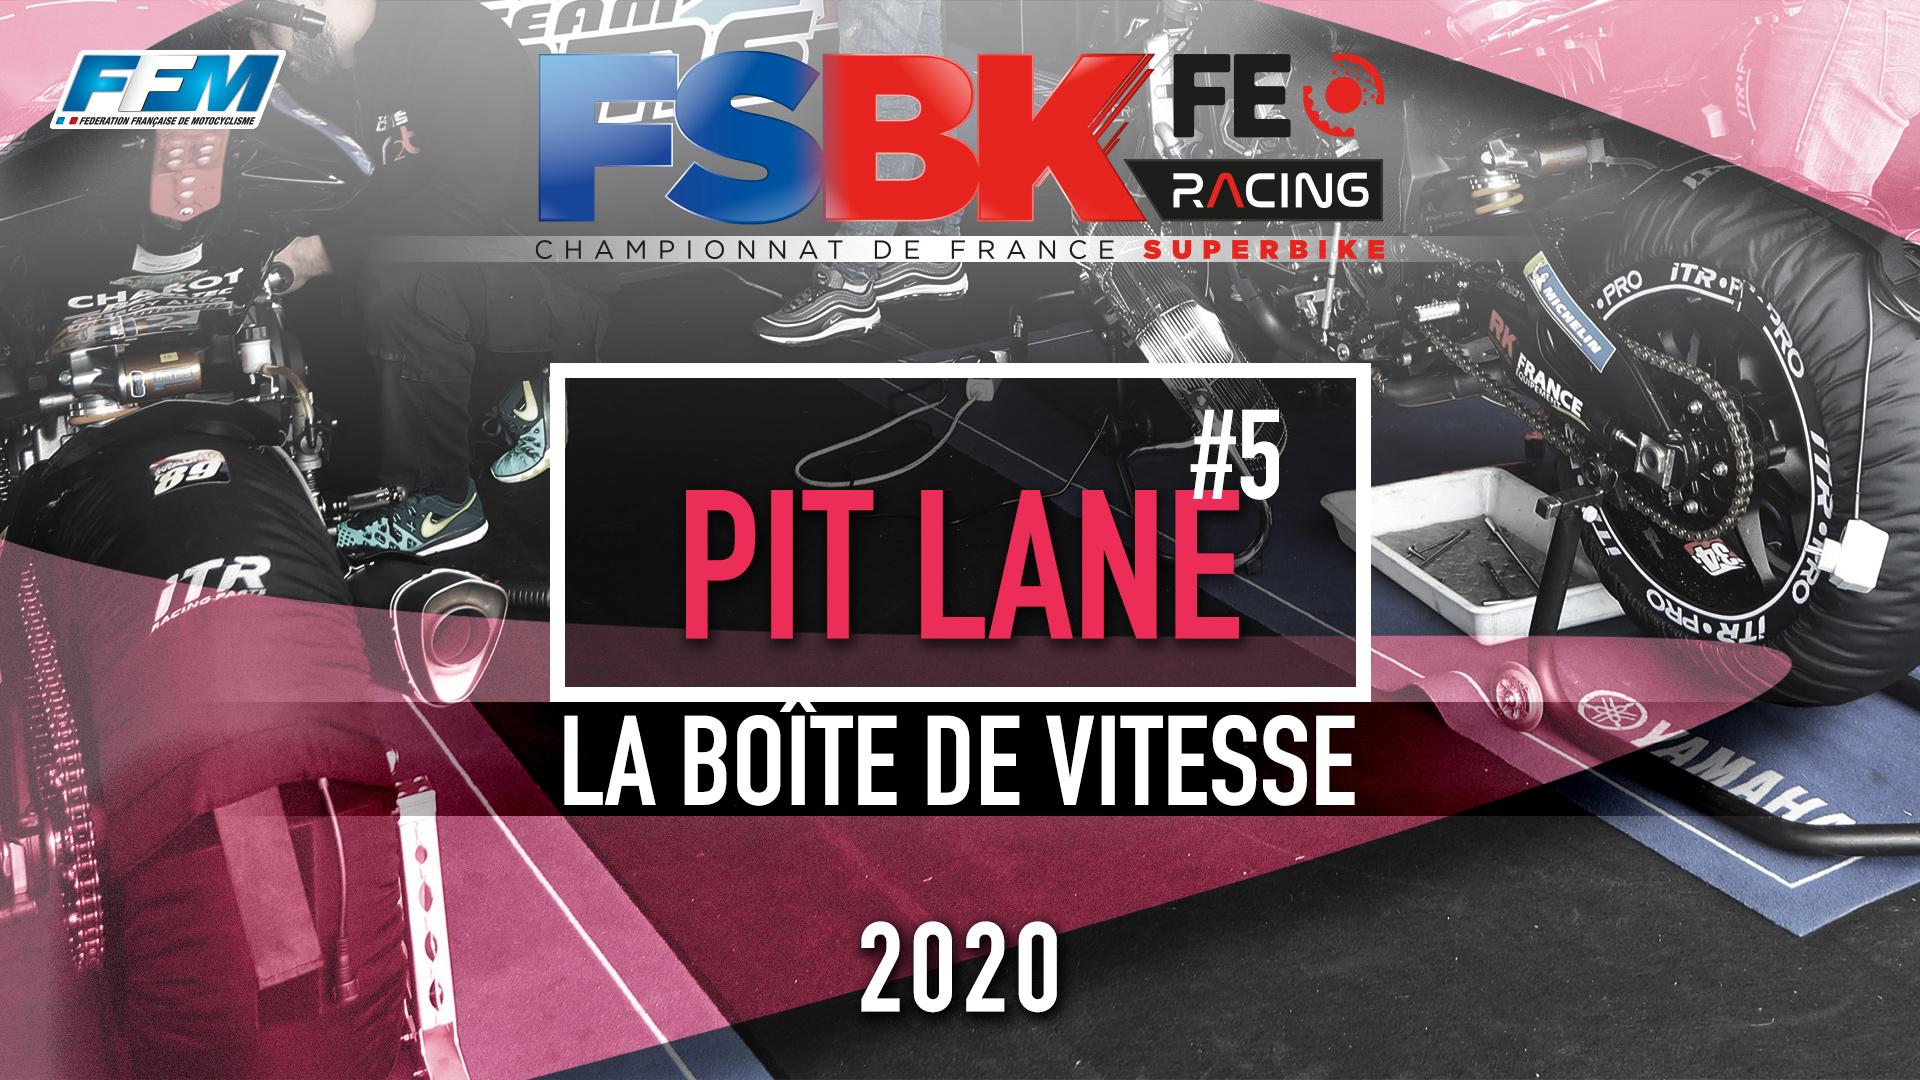 // PIT LANE – LA BOITE DE VITESSE //